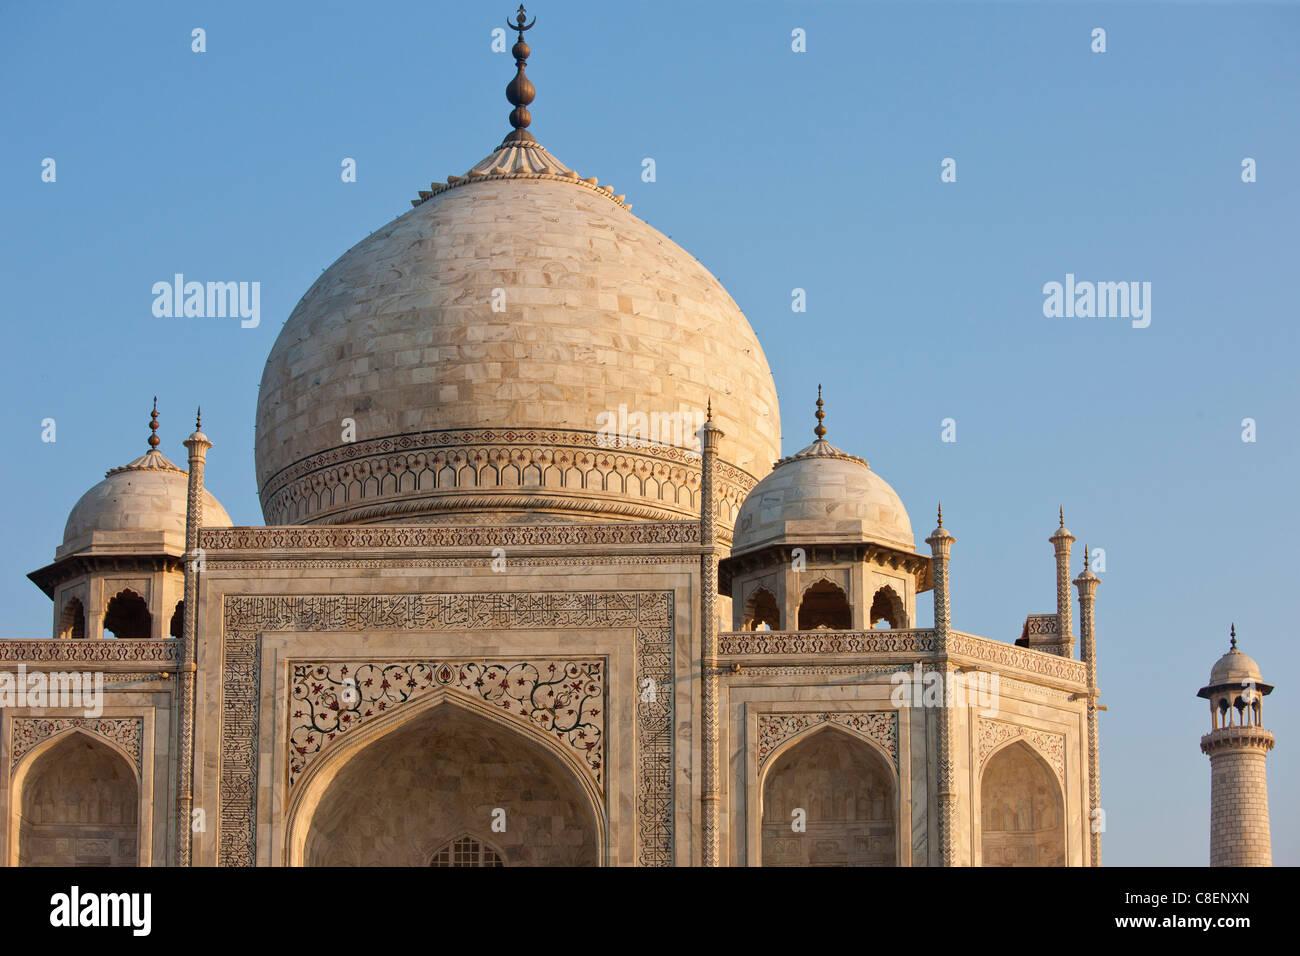 Iwans des Taj Mahal-Mausoleum, westlichen anzeigen Detail Diamant Facetten mit Bas Relief Marmor, Uttar Pradesh, Stockbild